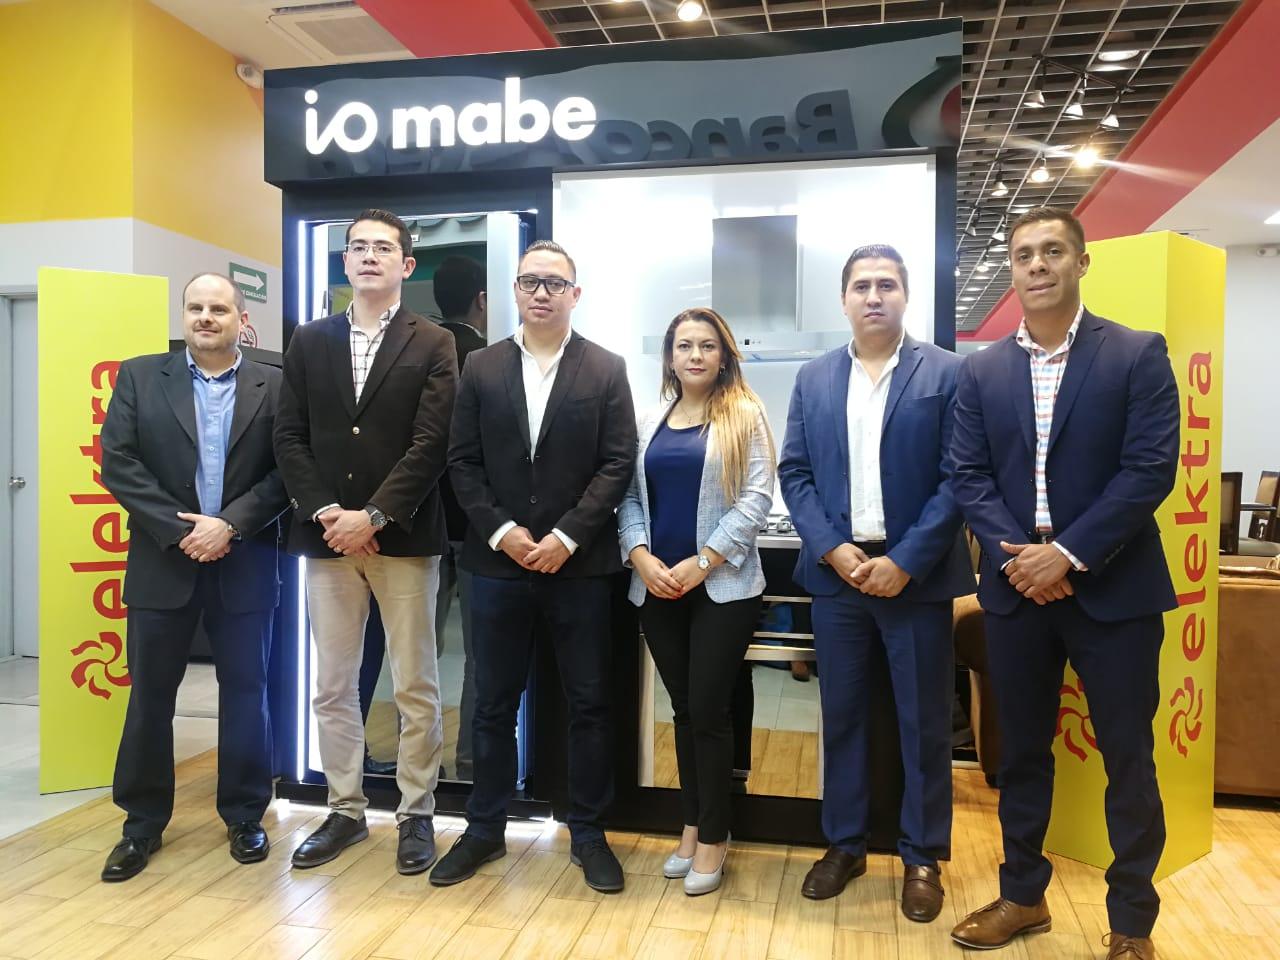 Representantes de Tiendas Elektra y Mabe muestran la nueva linea io Mabe